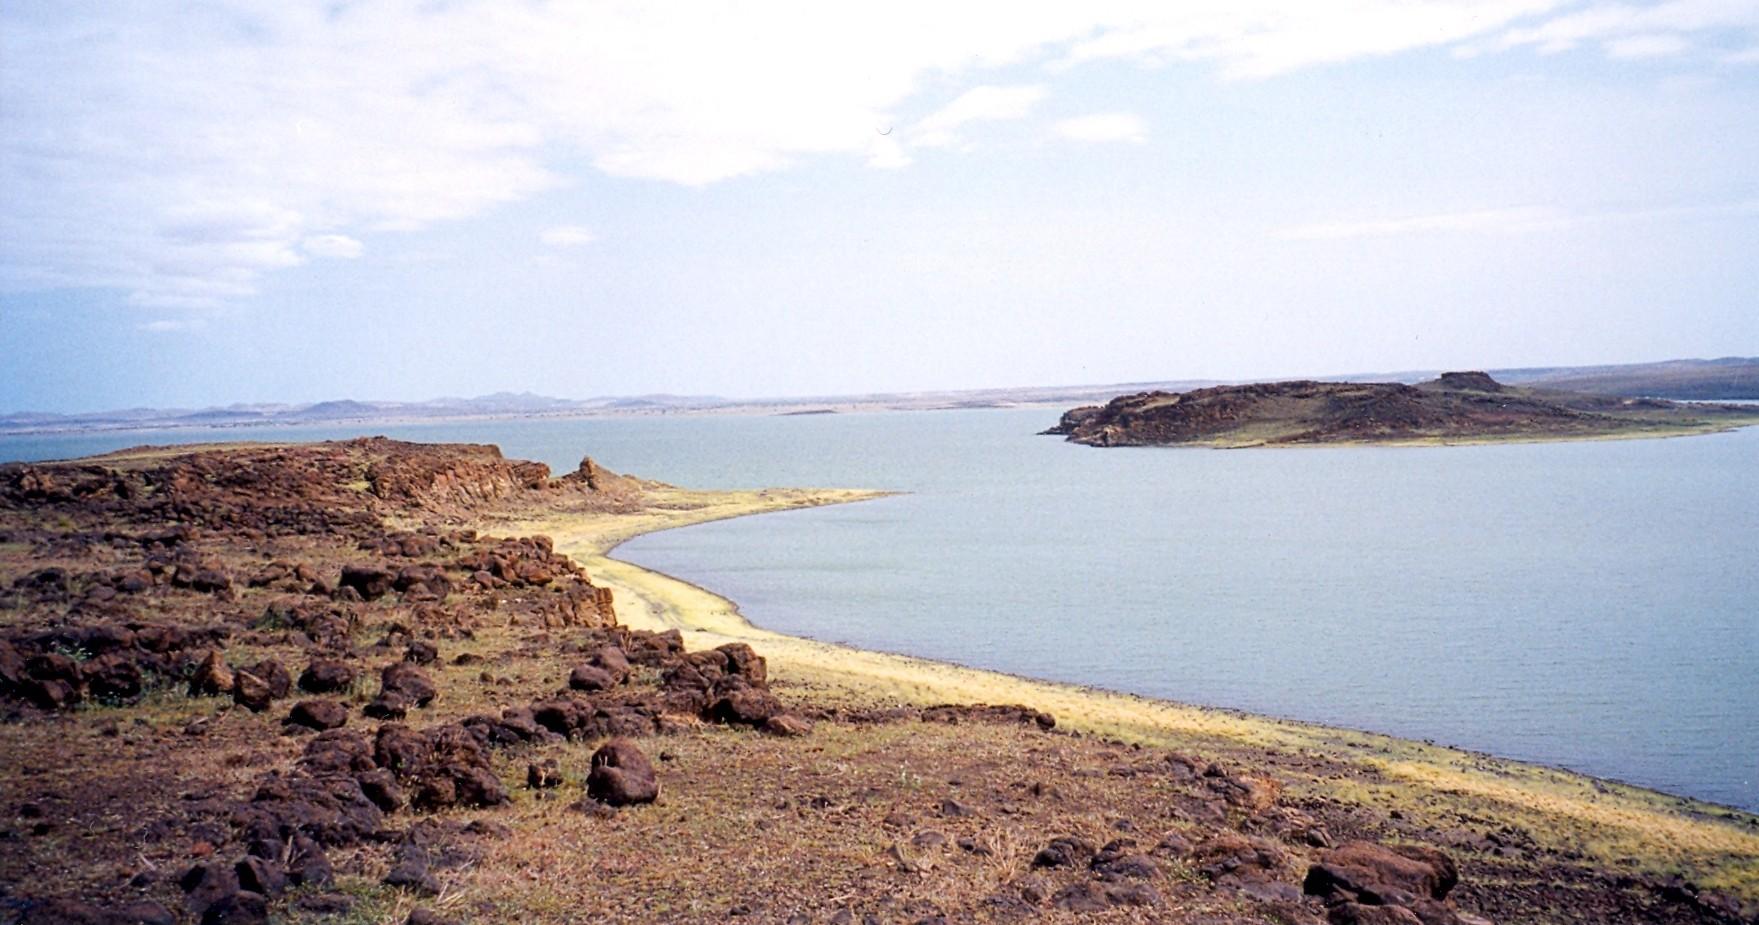 6.LakeTurkanaSouthIsland